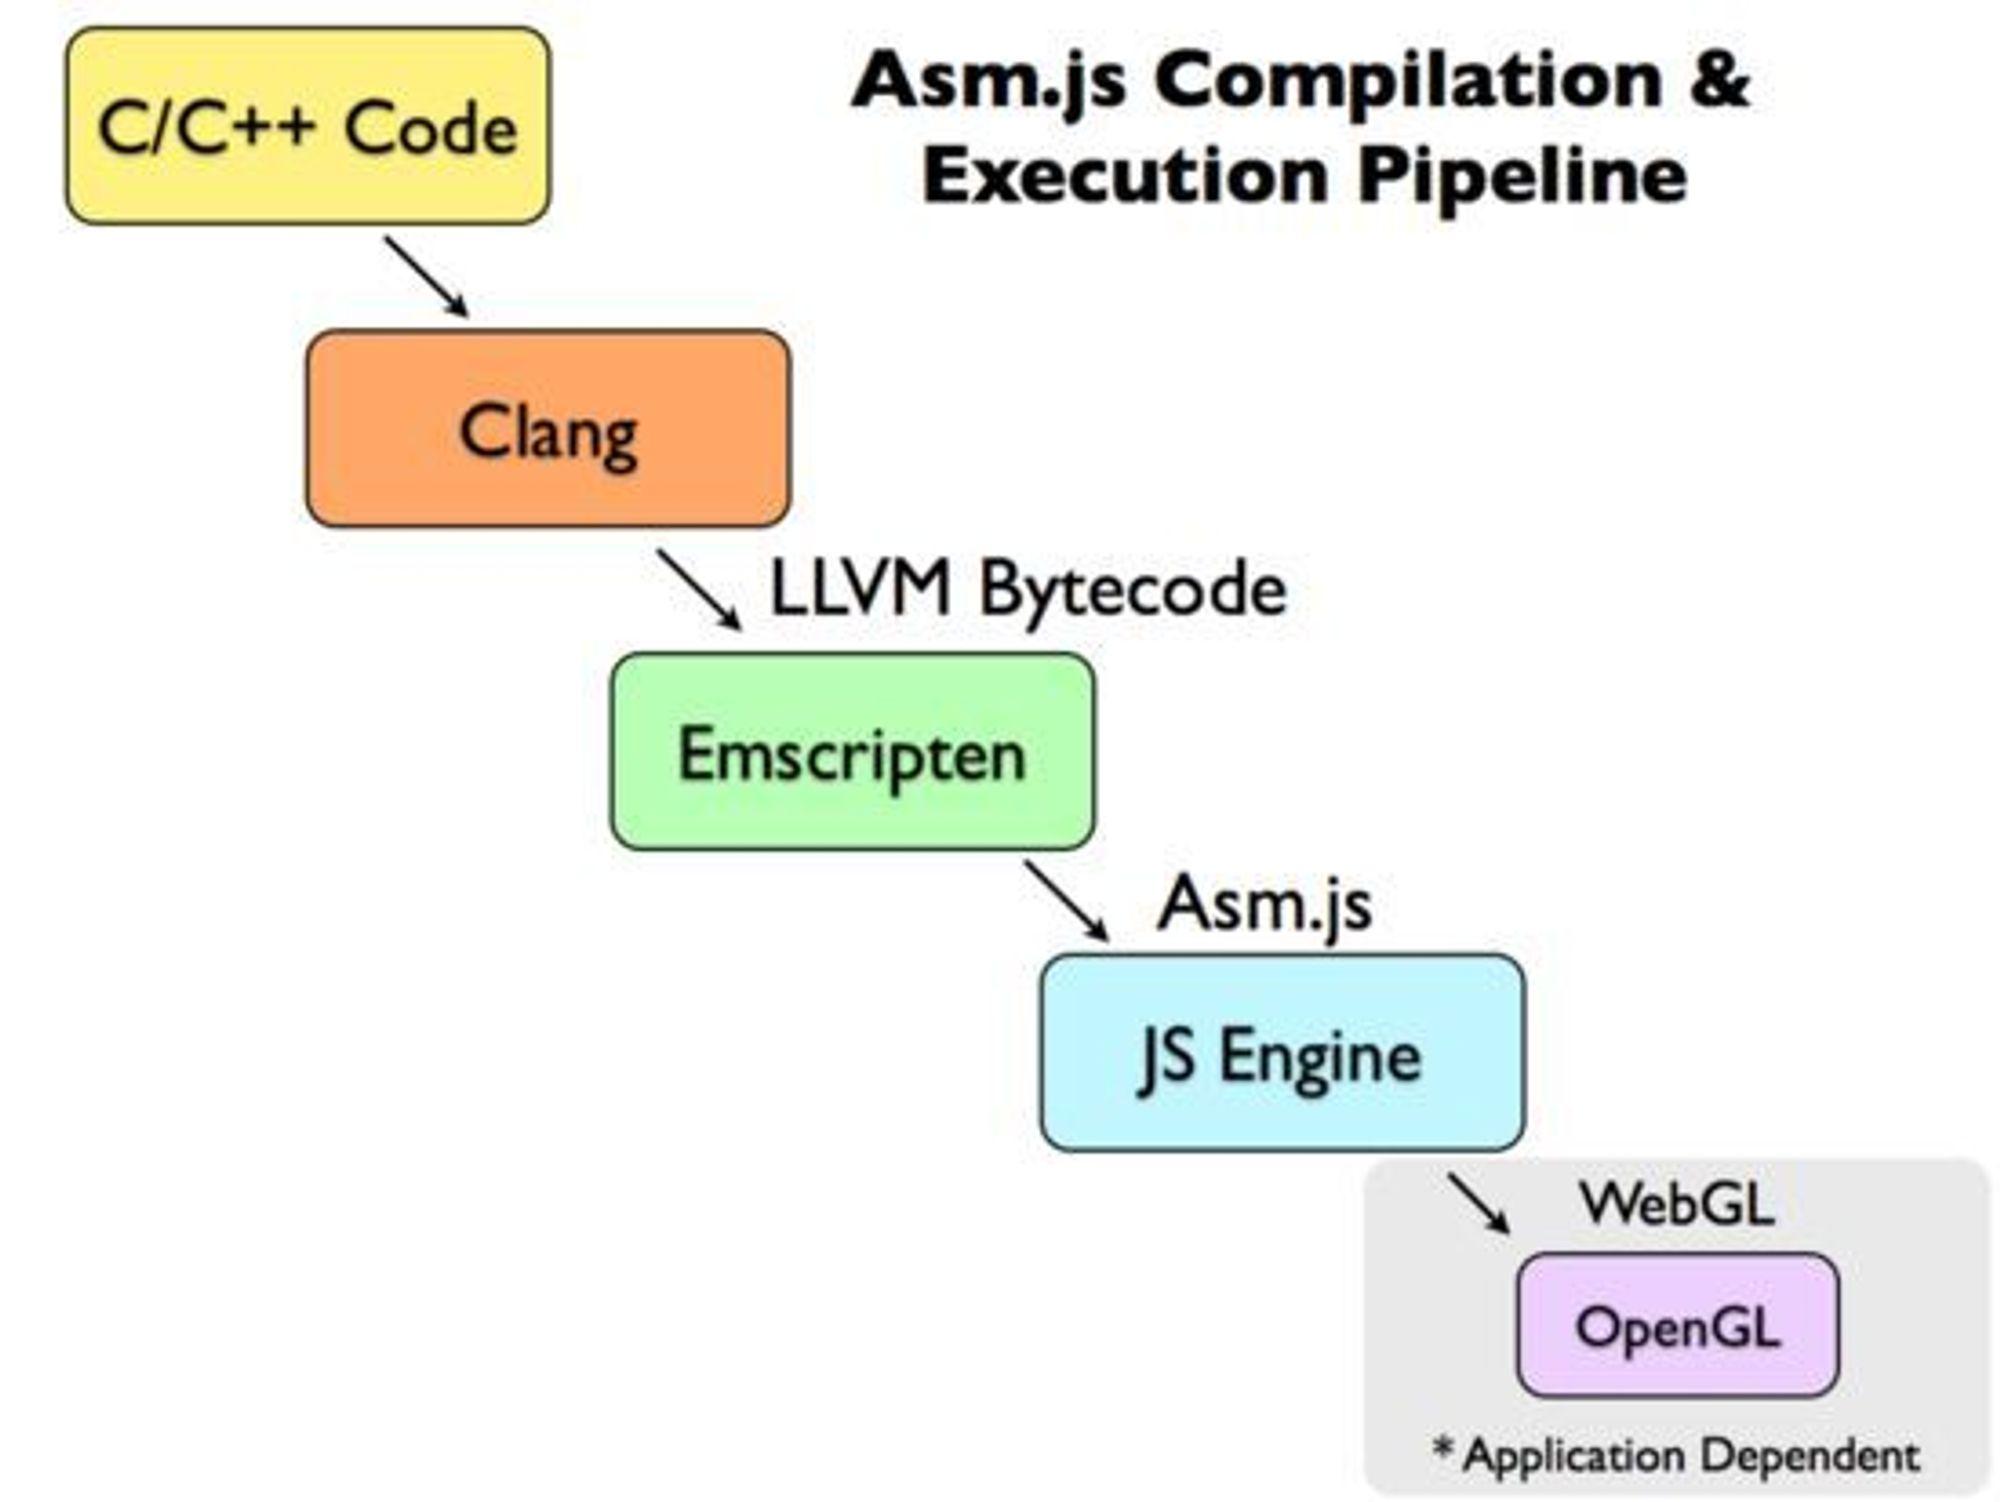 Trinnene C/C++-kode må gjennom for å kunne kjøres som asm.js i nettleseren.